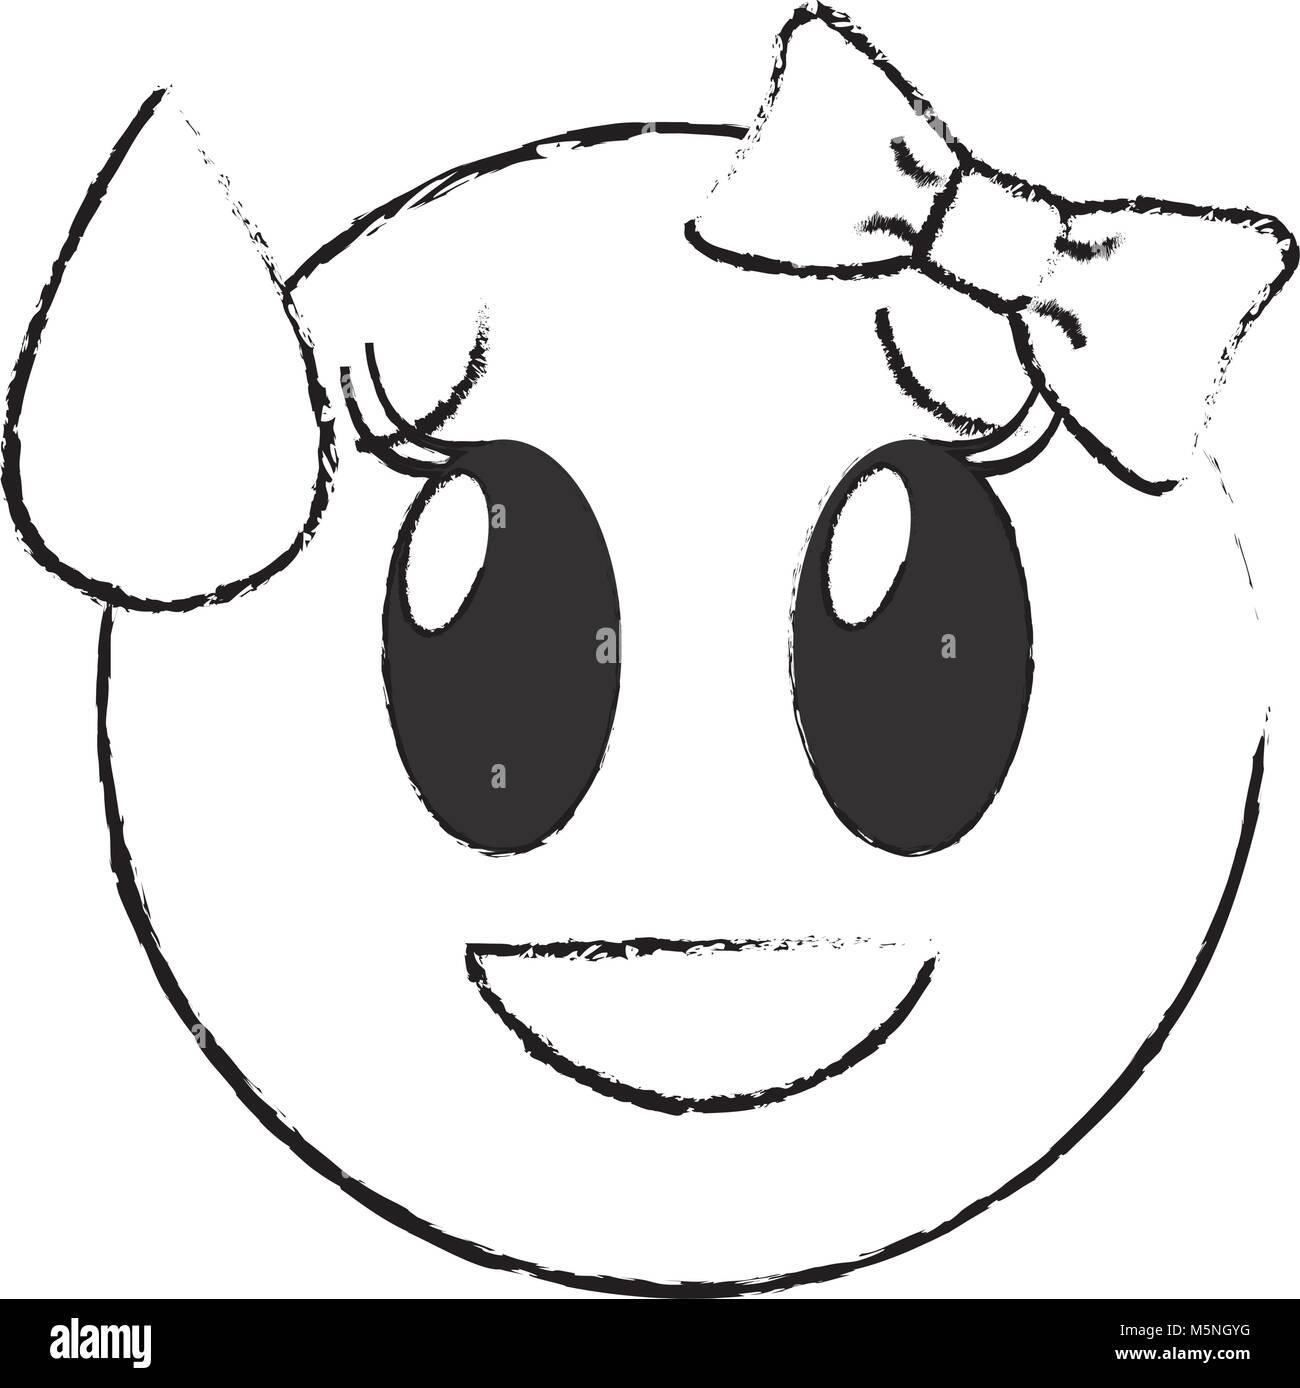 Grunge Scham Lachen Weiblichen Emoji Ausdruck Mit Schleife Vector Illustration Vektor Abbildung Bild 175651268 Alamy